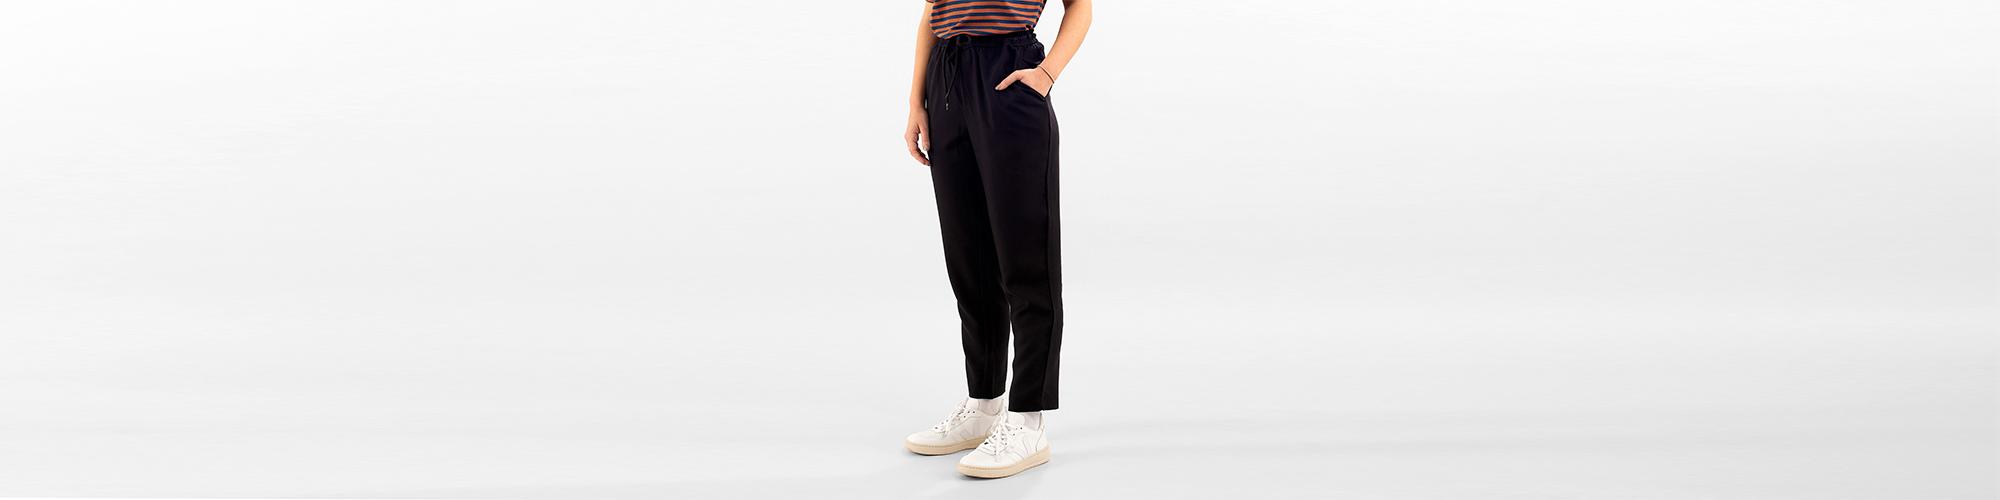 Hosen, Shorts & Skirts